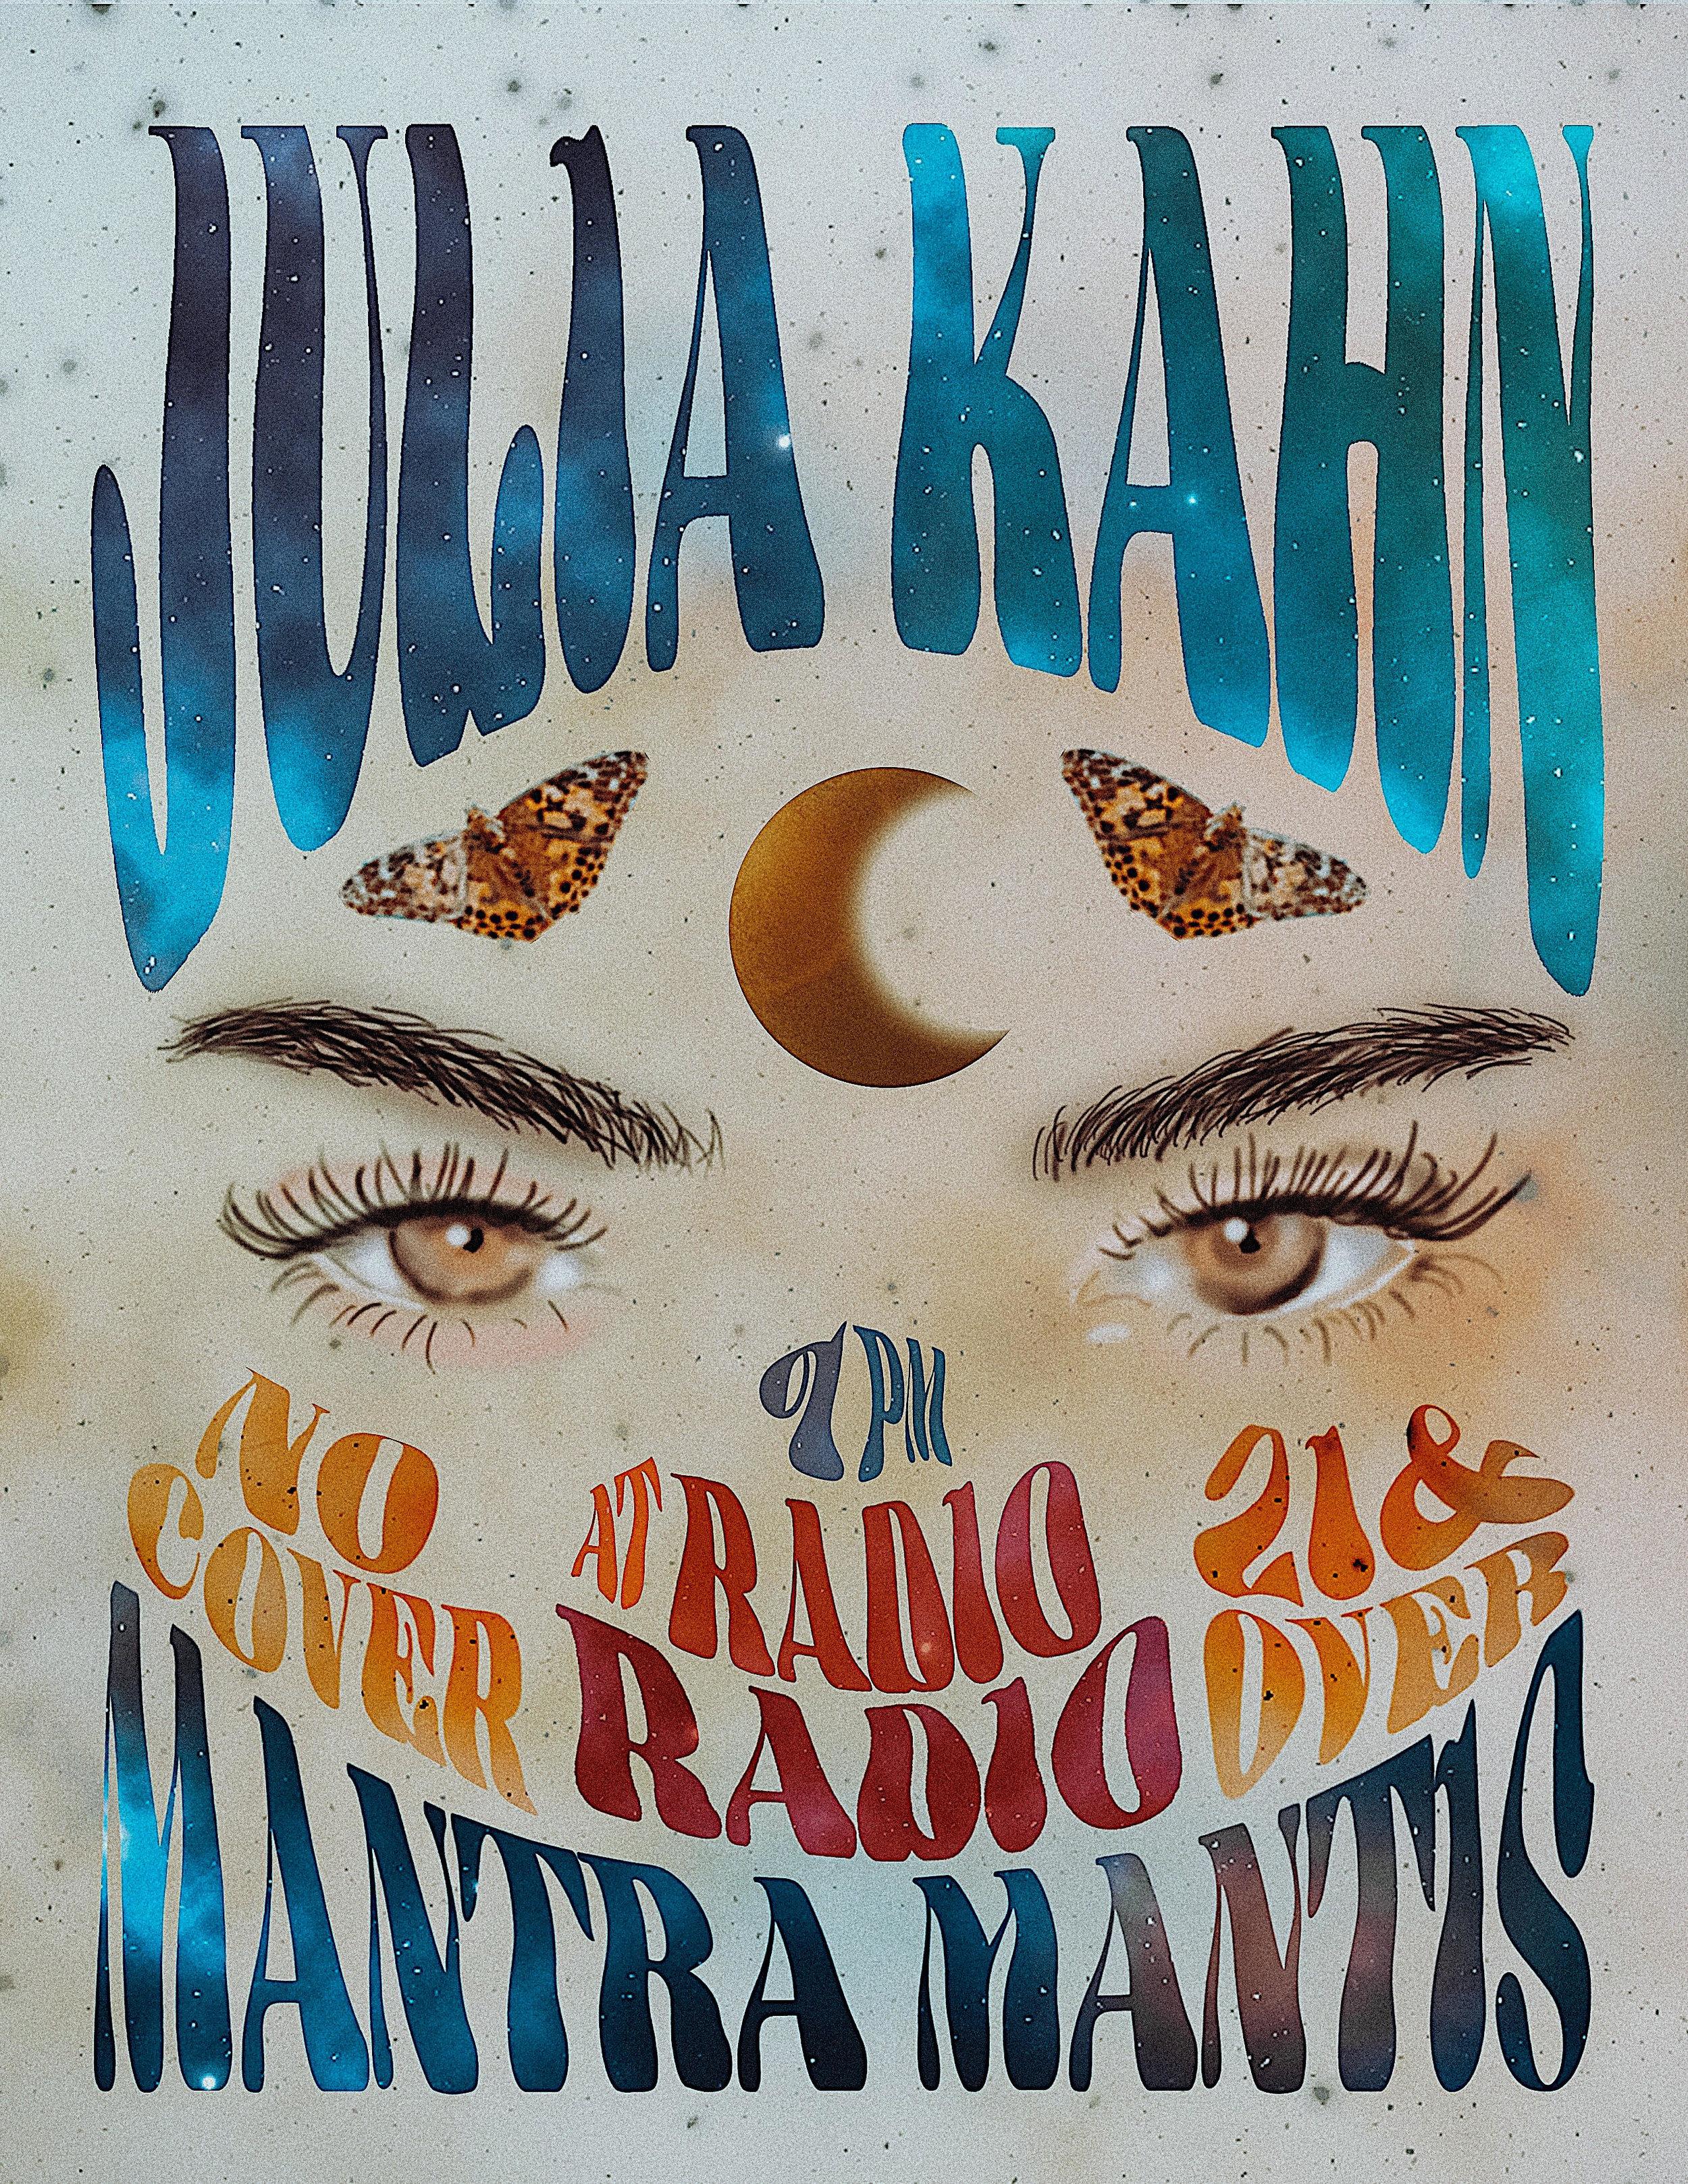 Feb 21 - Radio Radio